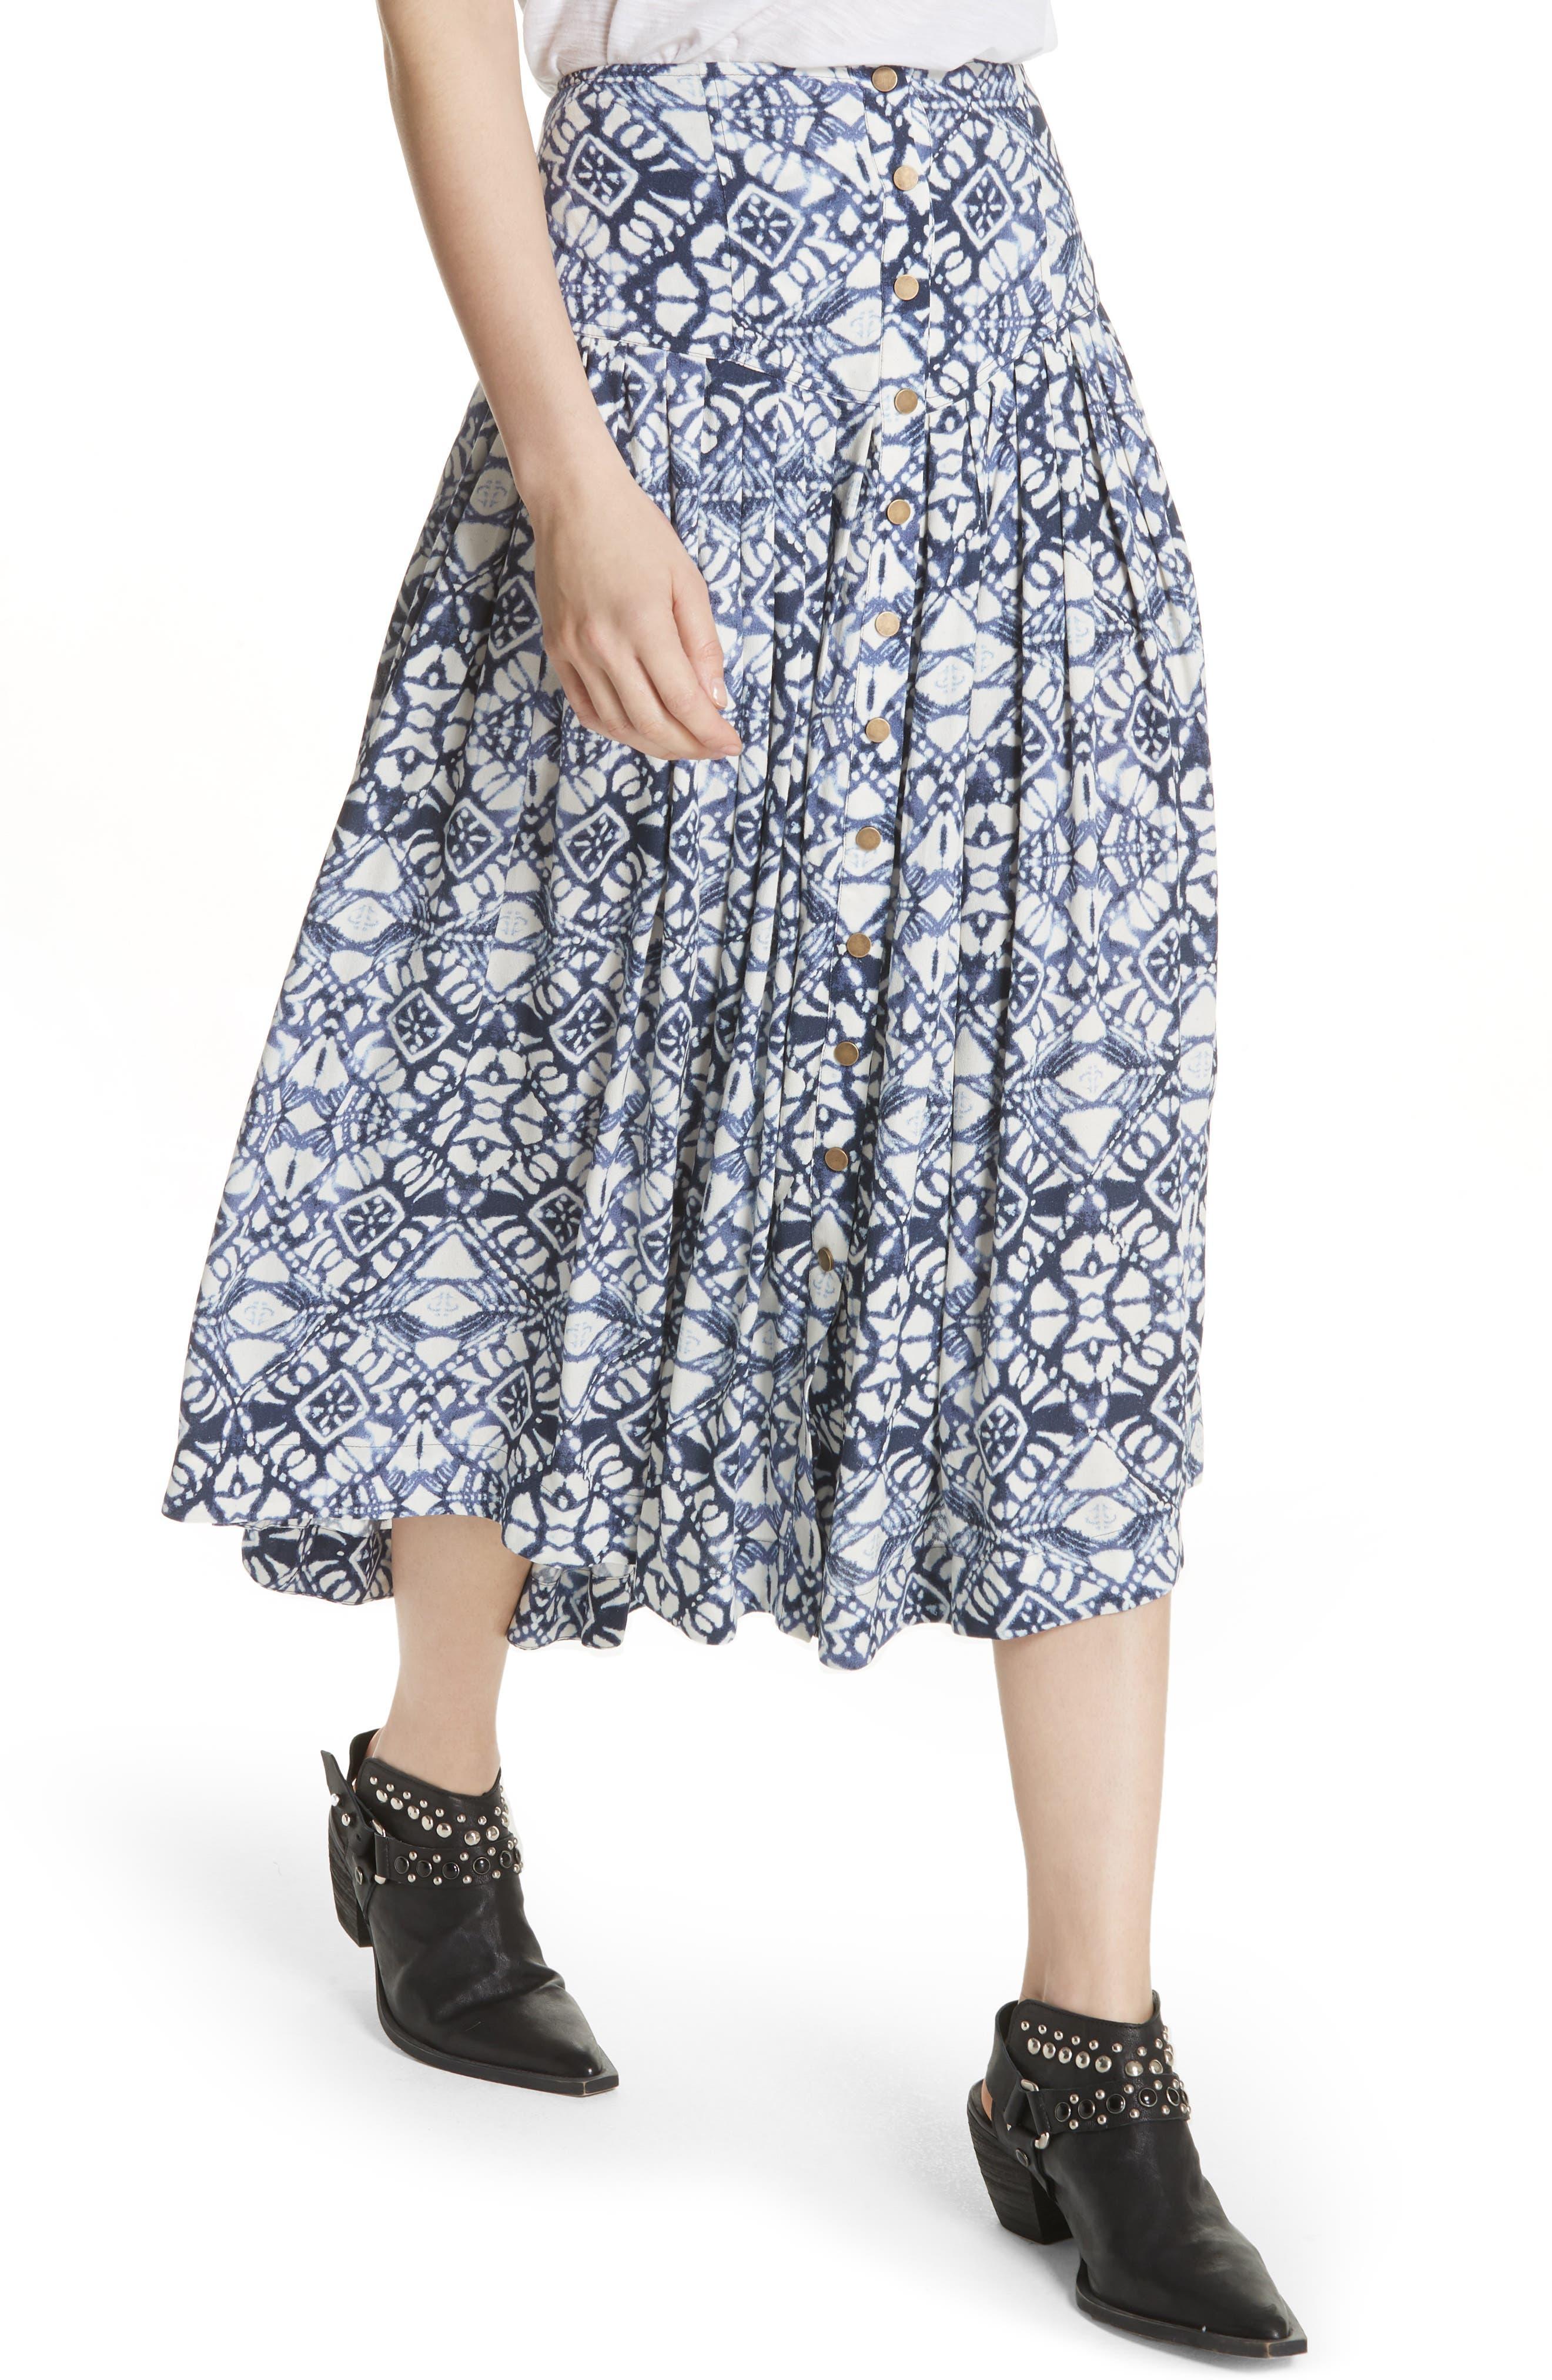 Lovers Dream Midi Skirt,                             Alternate thumbnail 4, color,                             401